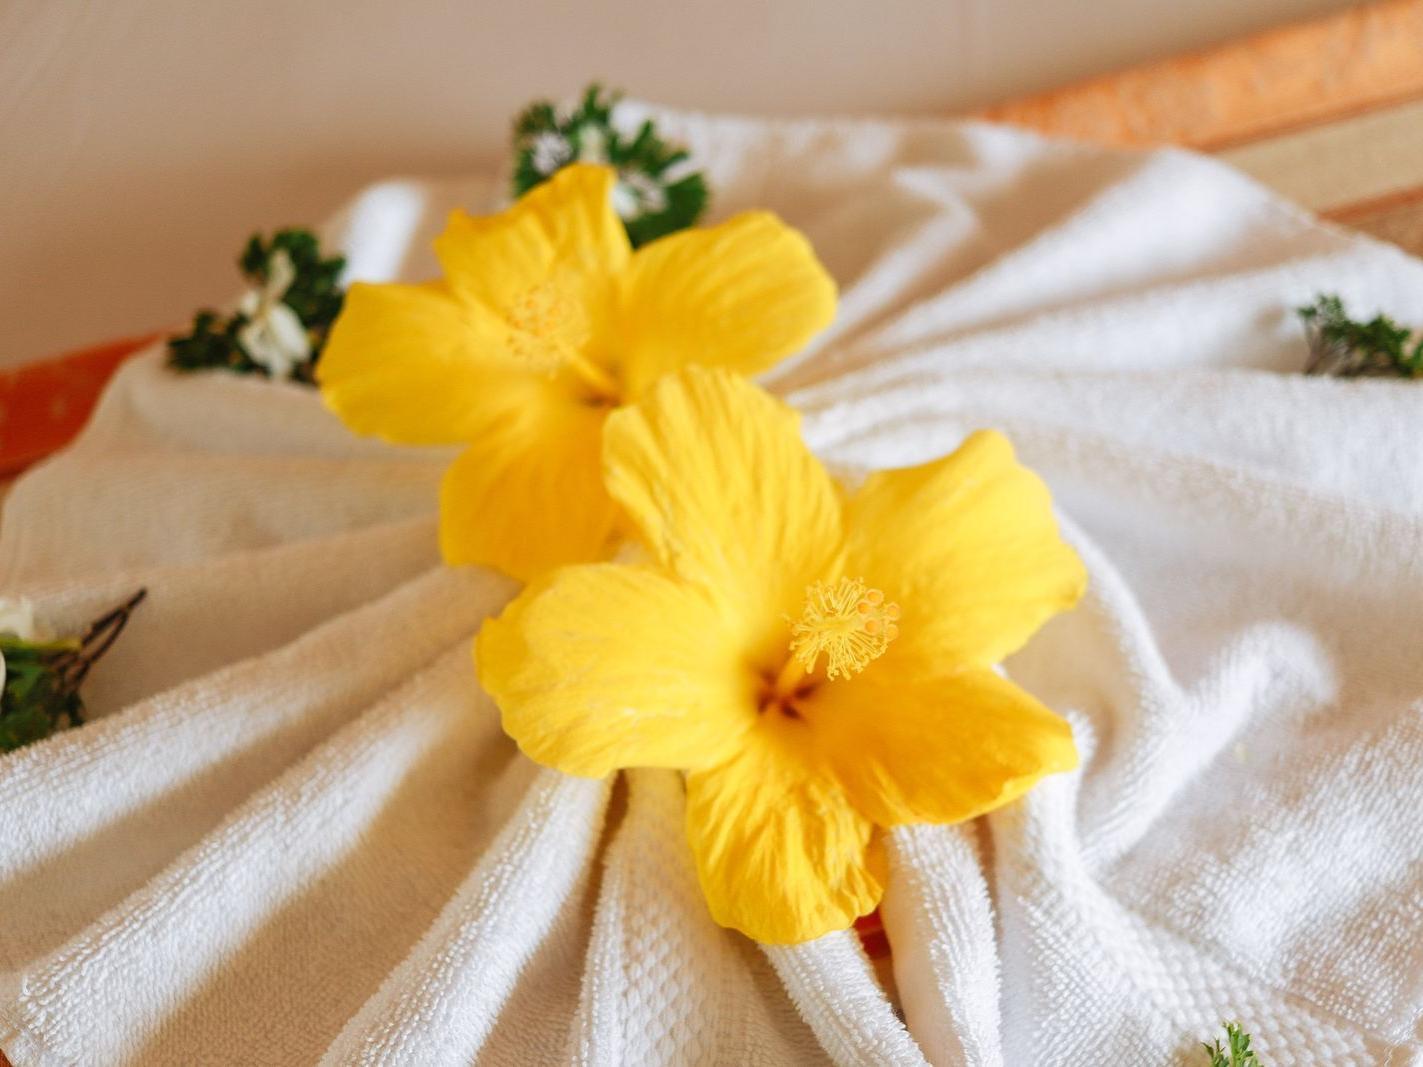 flowers on towel